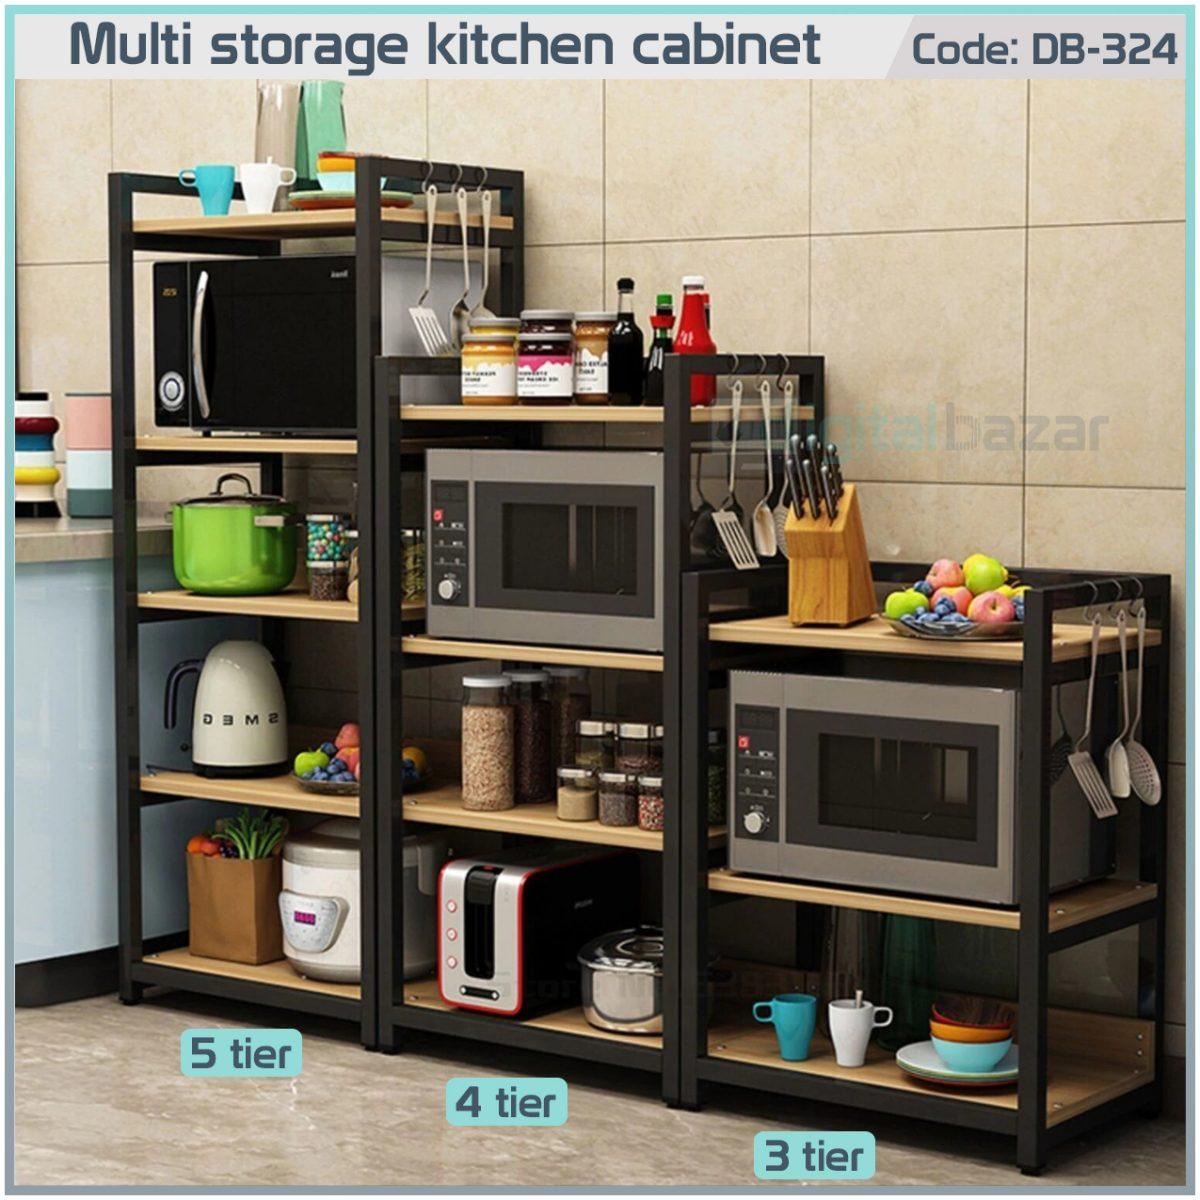 best Multi Storage Kitchen Cabinet price in Bangladesh